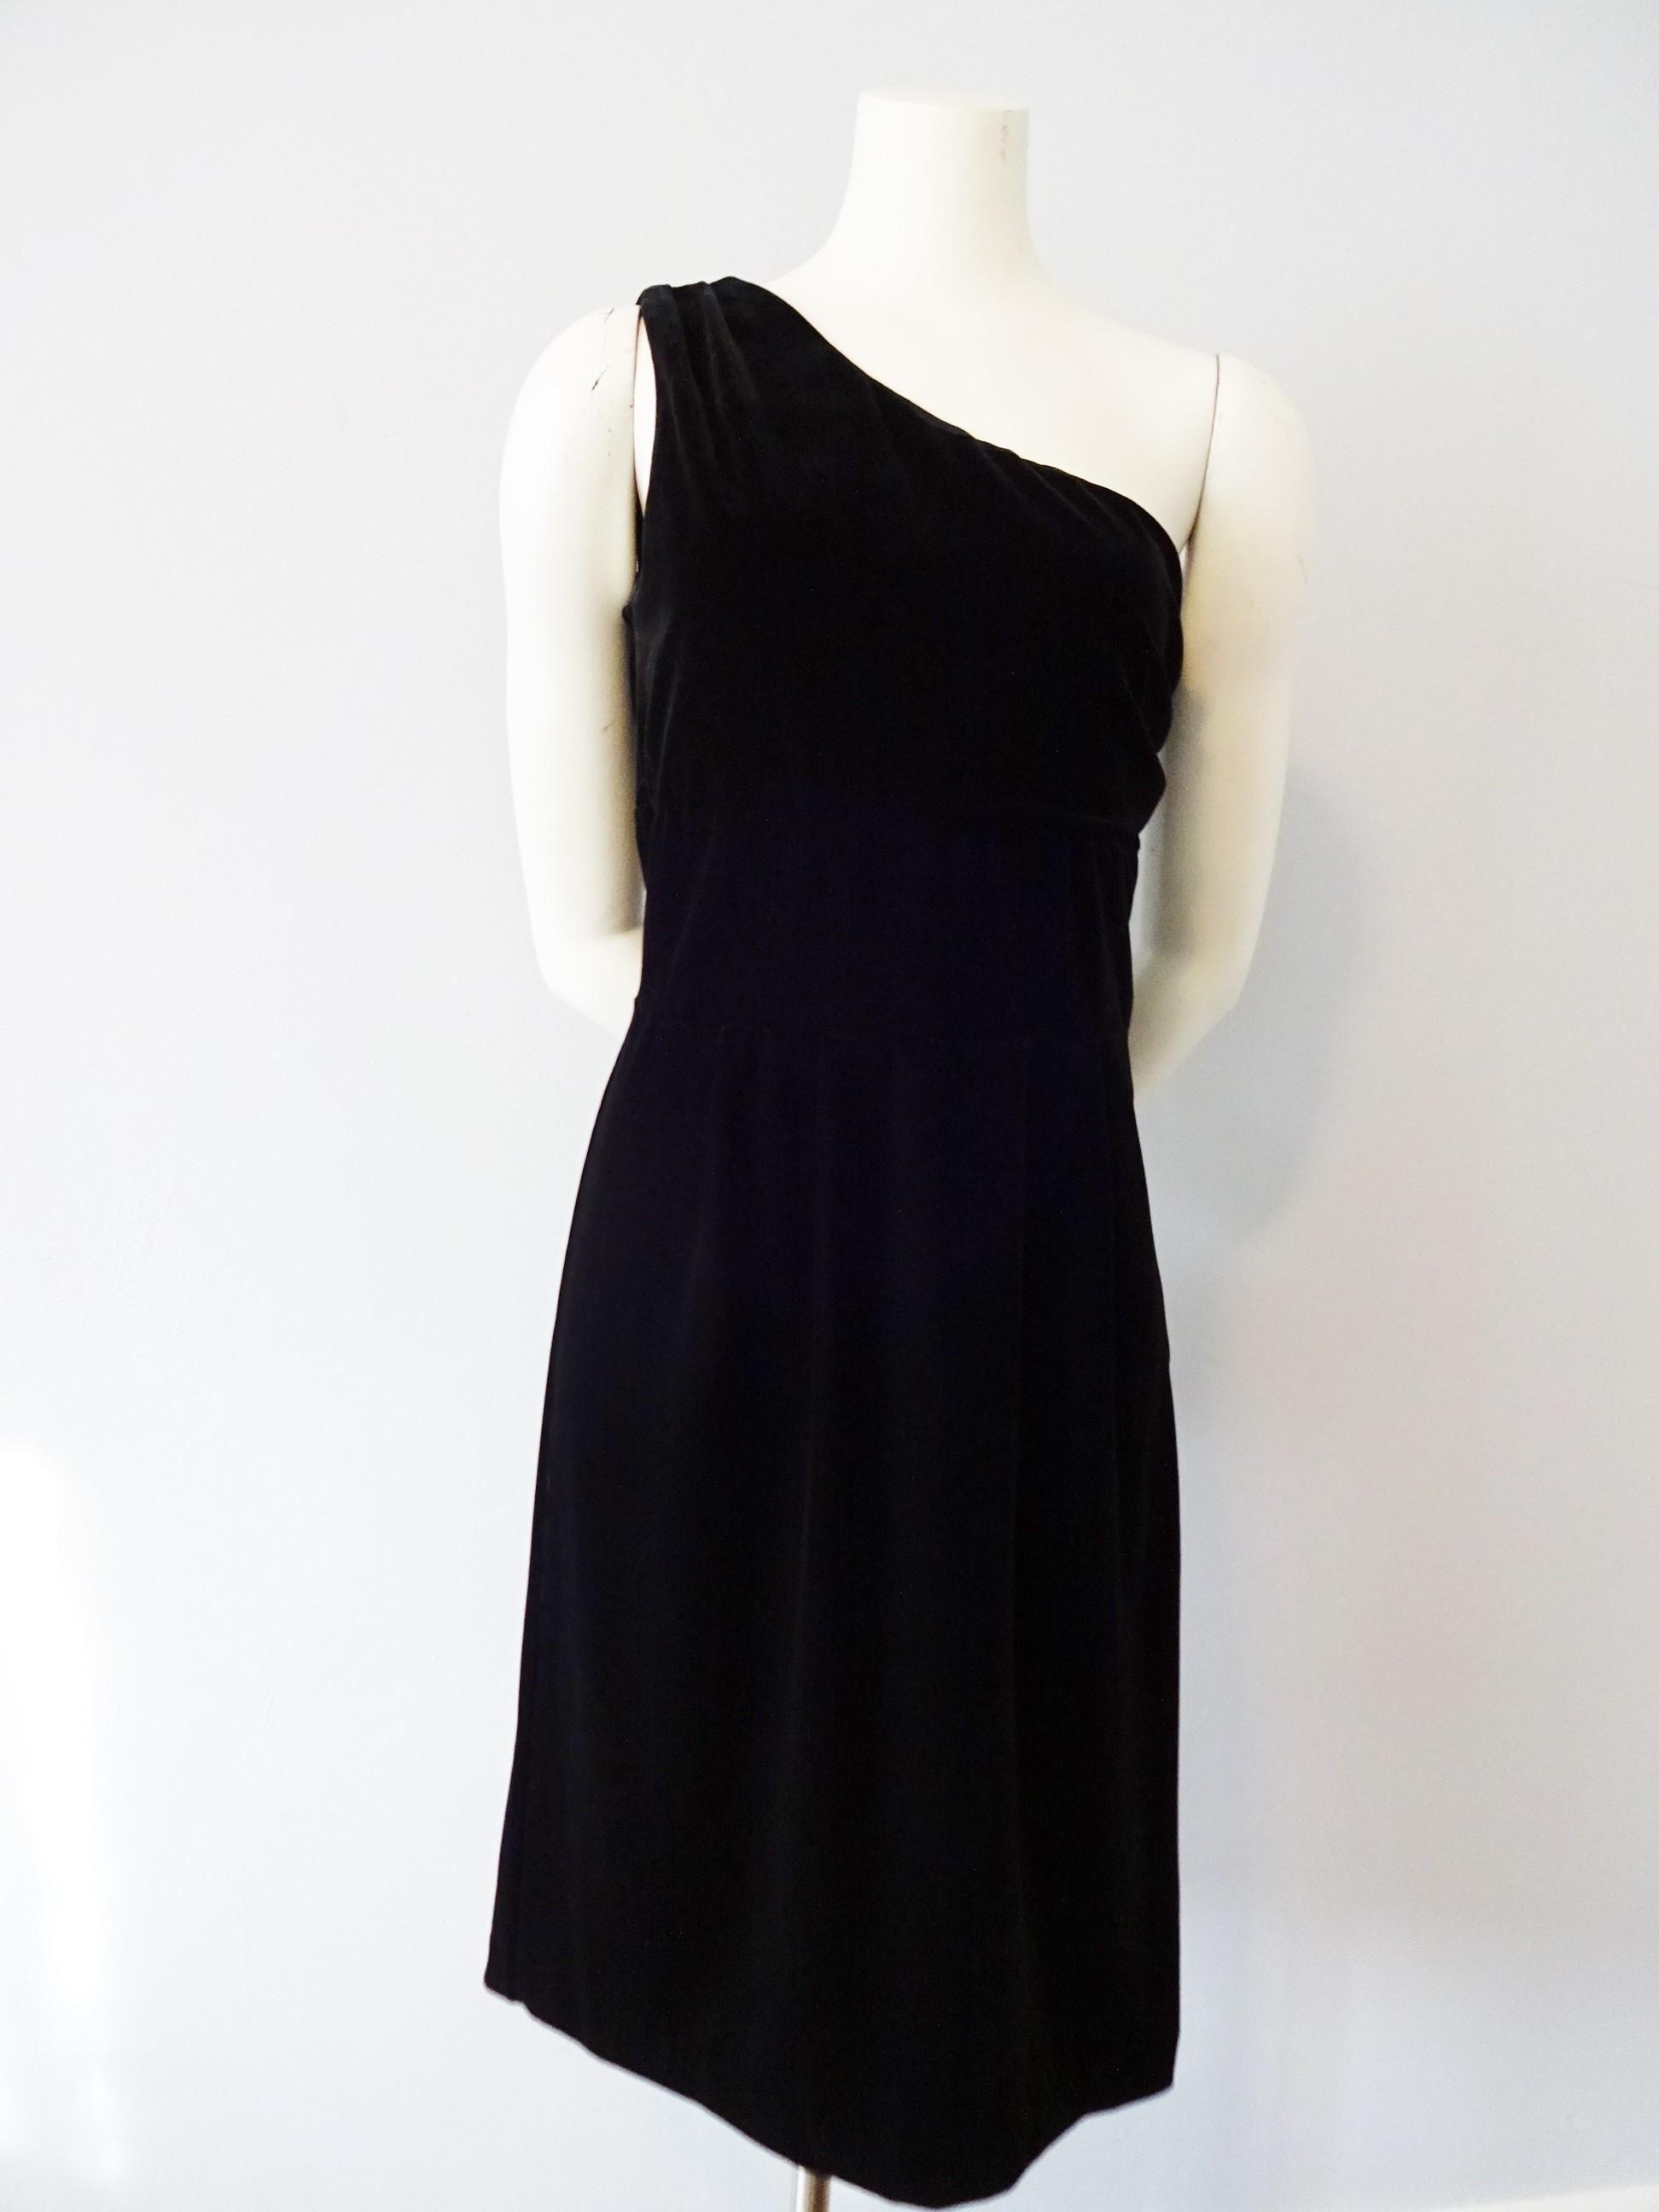 Black velvet dress vintage s one shoulder salesman sample